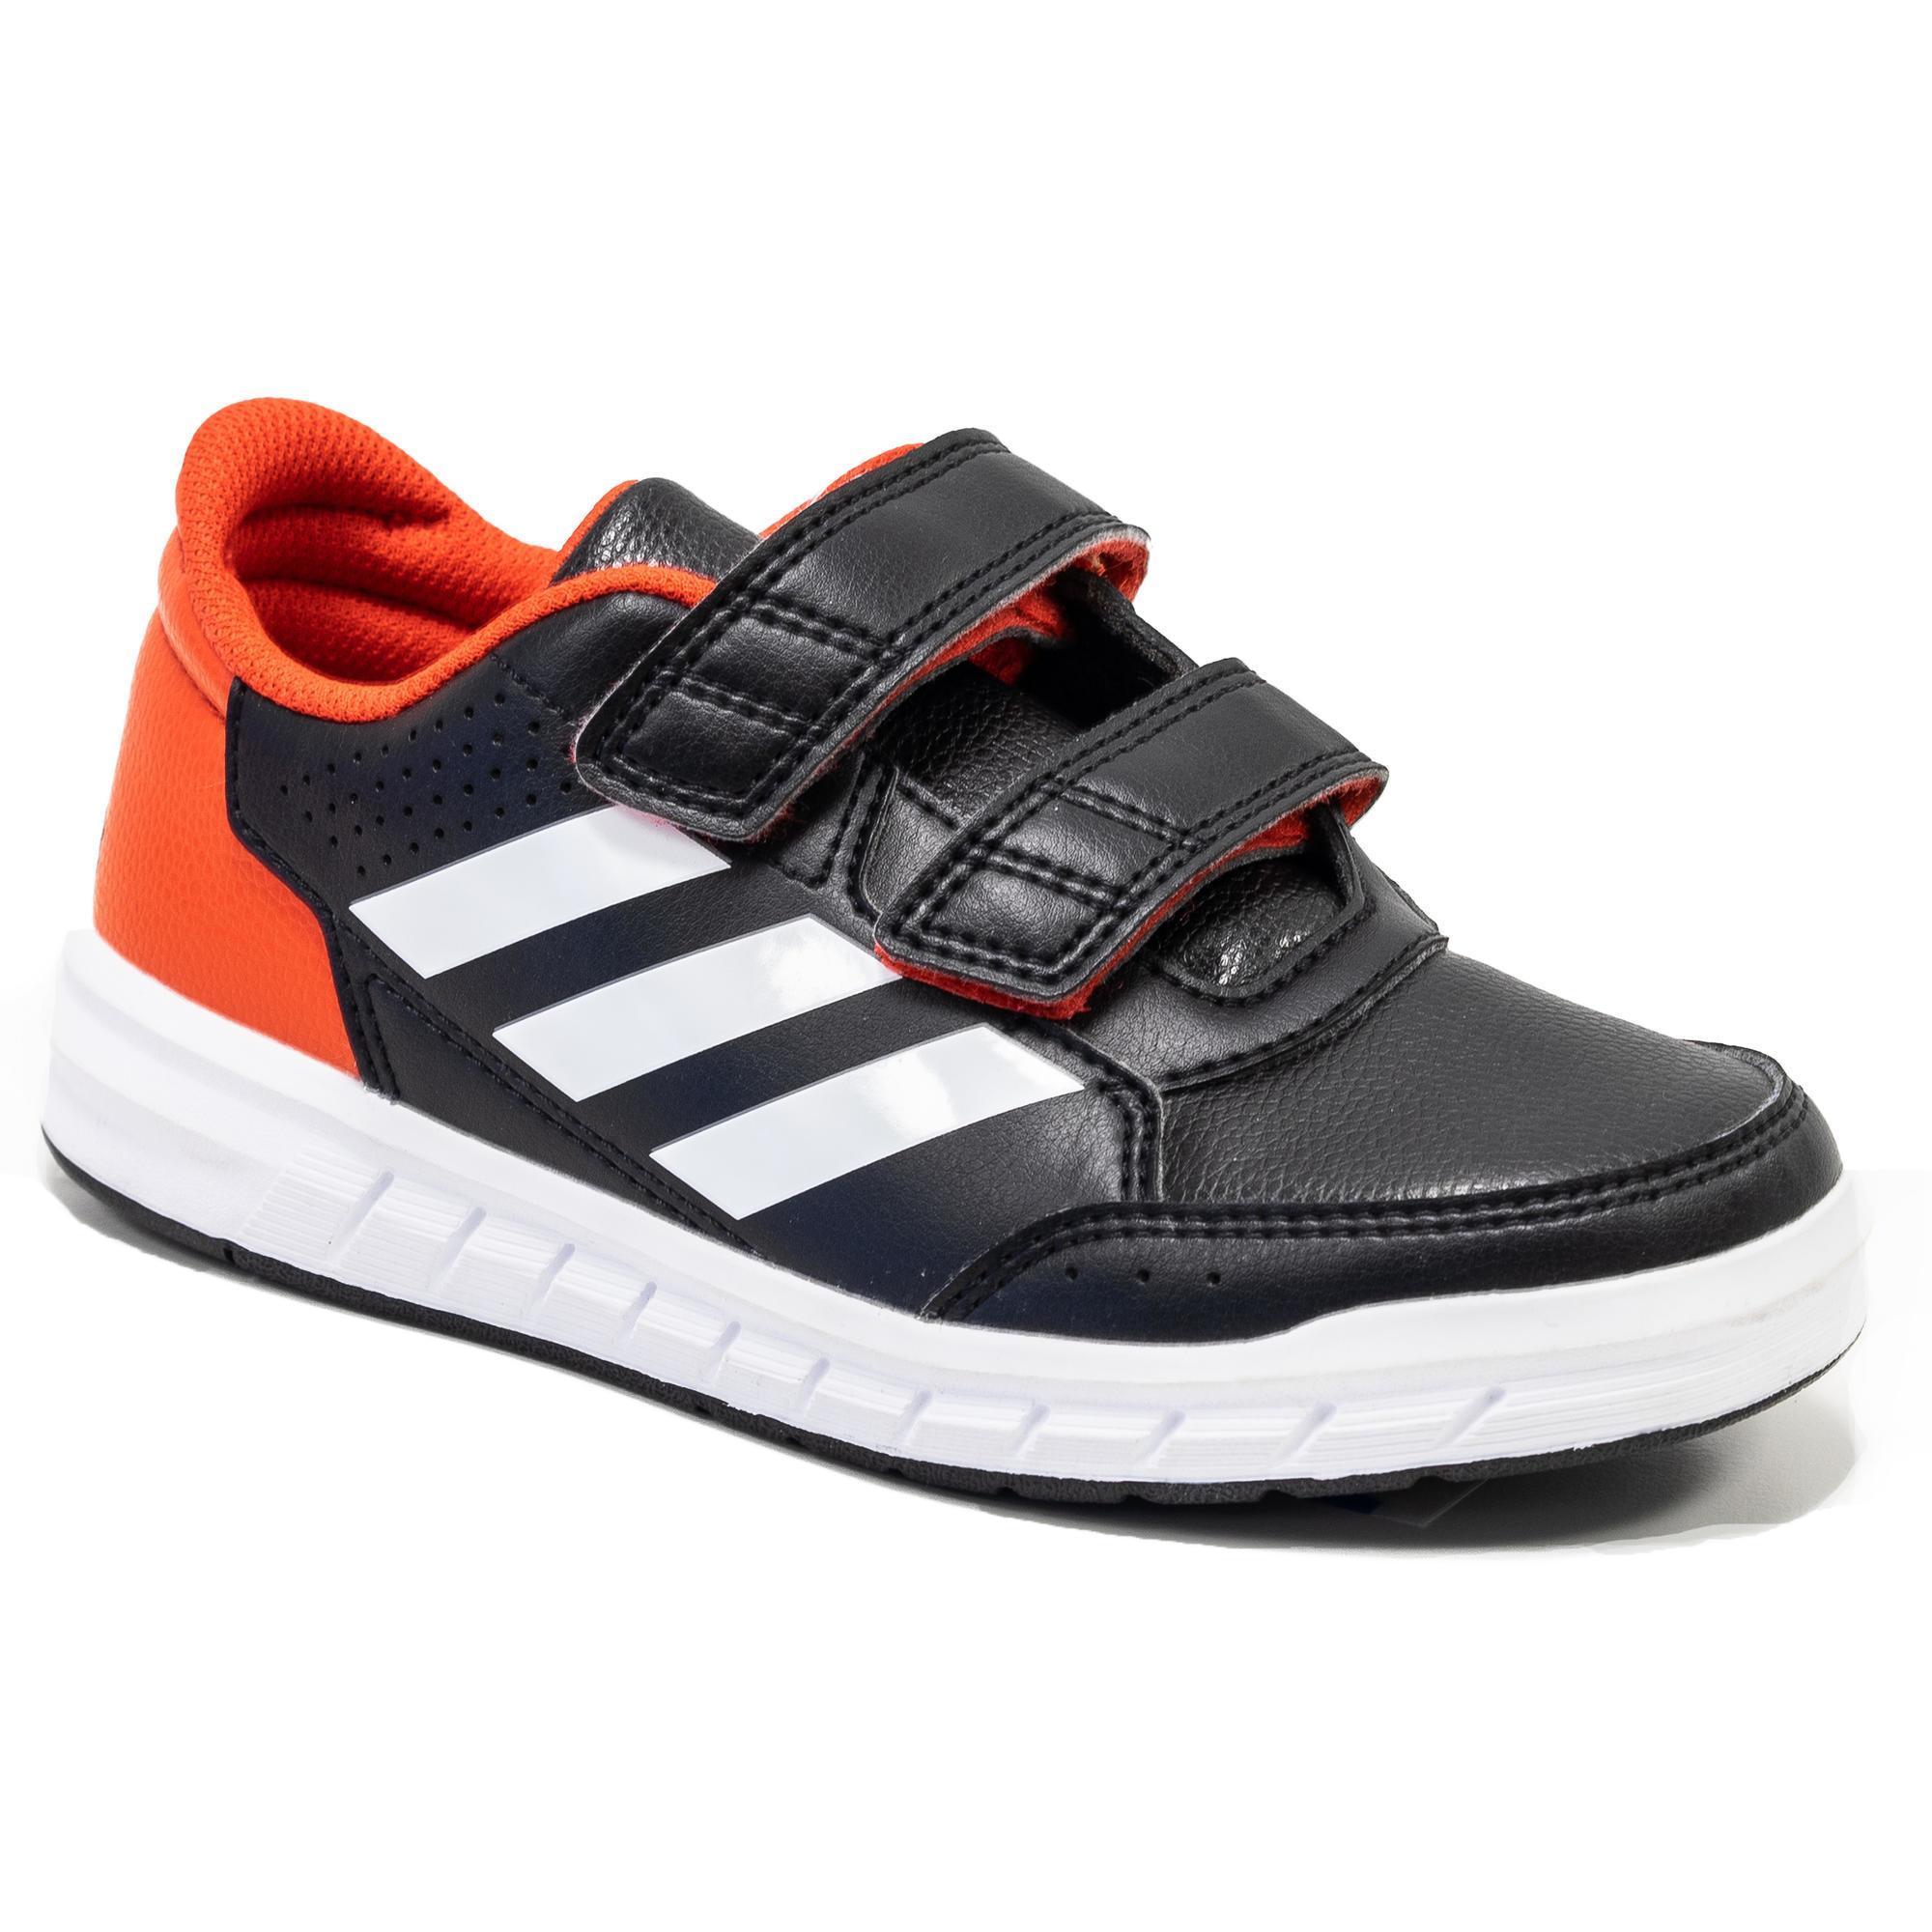 Adidas Tennisschoenen voor kinderen Adidas Altasport zwart/rood